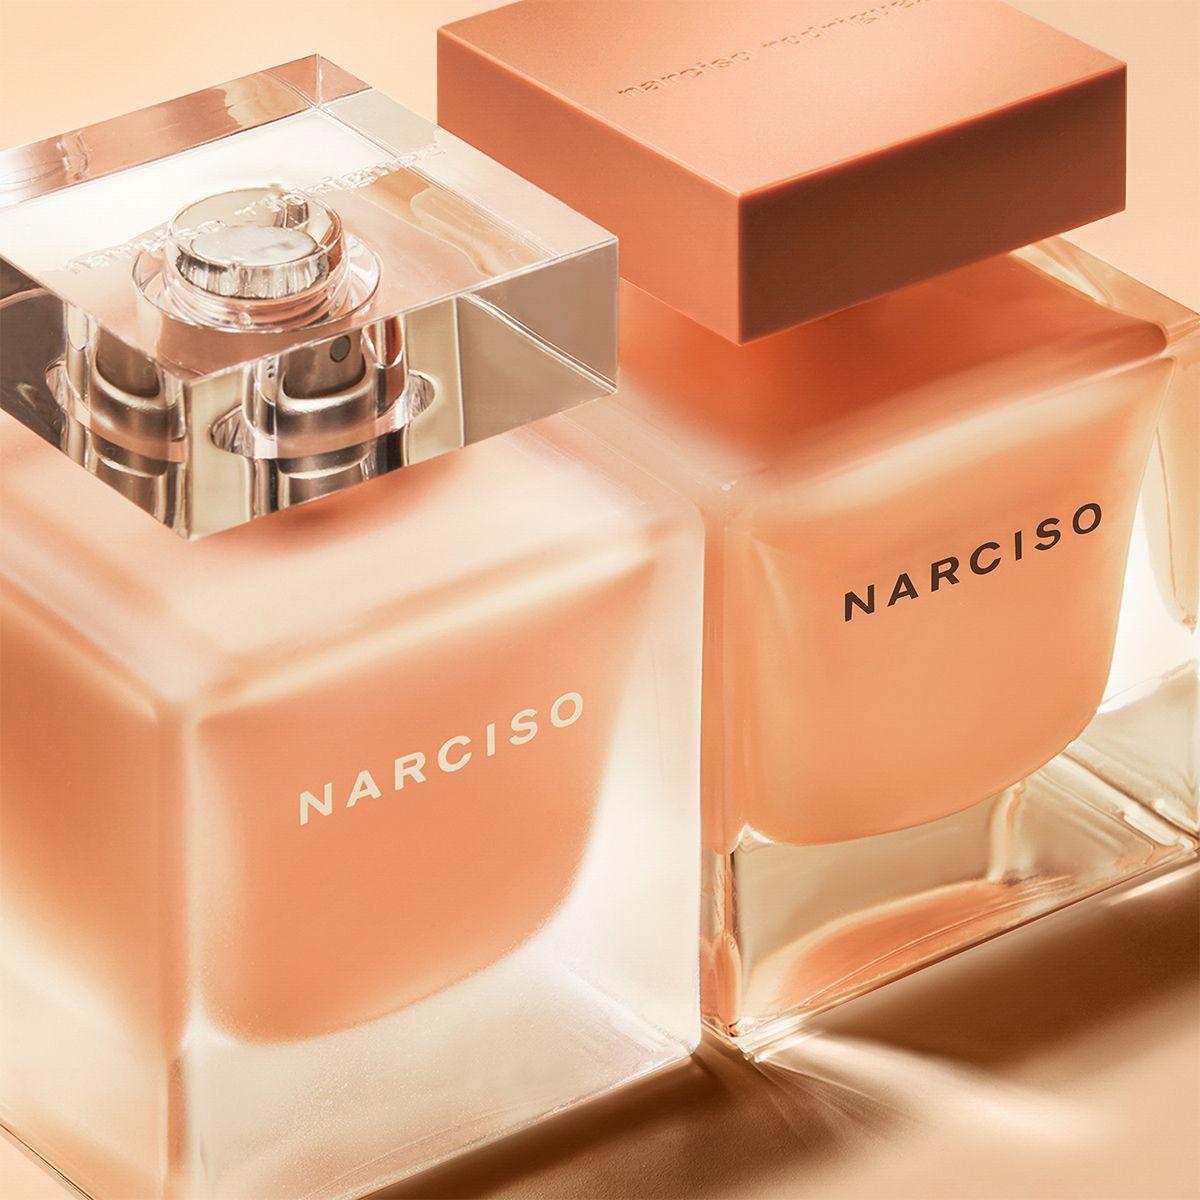 Narciso Narciso Rodriguez - Incenza